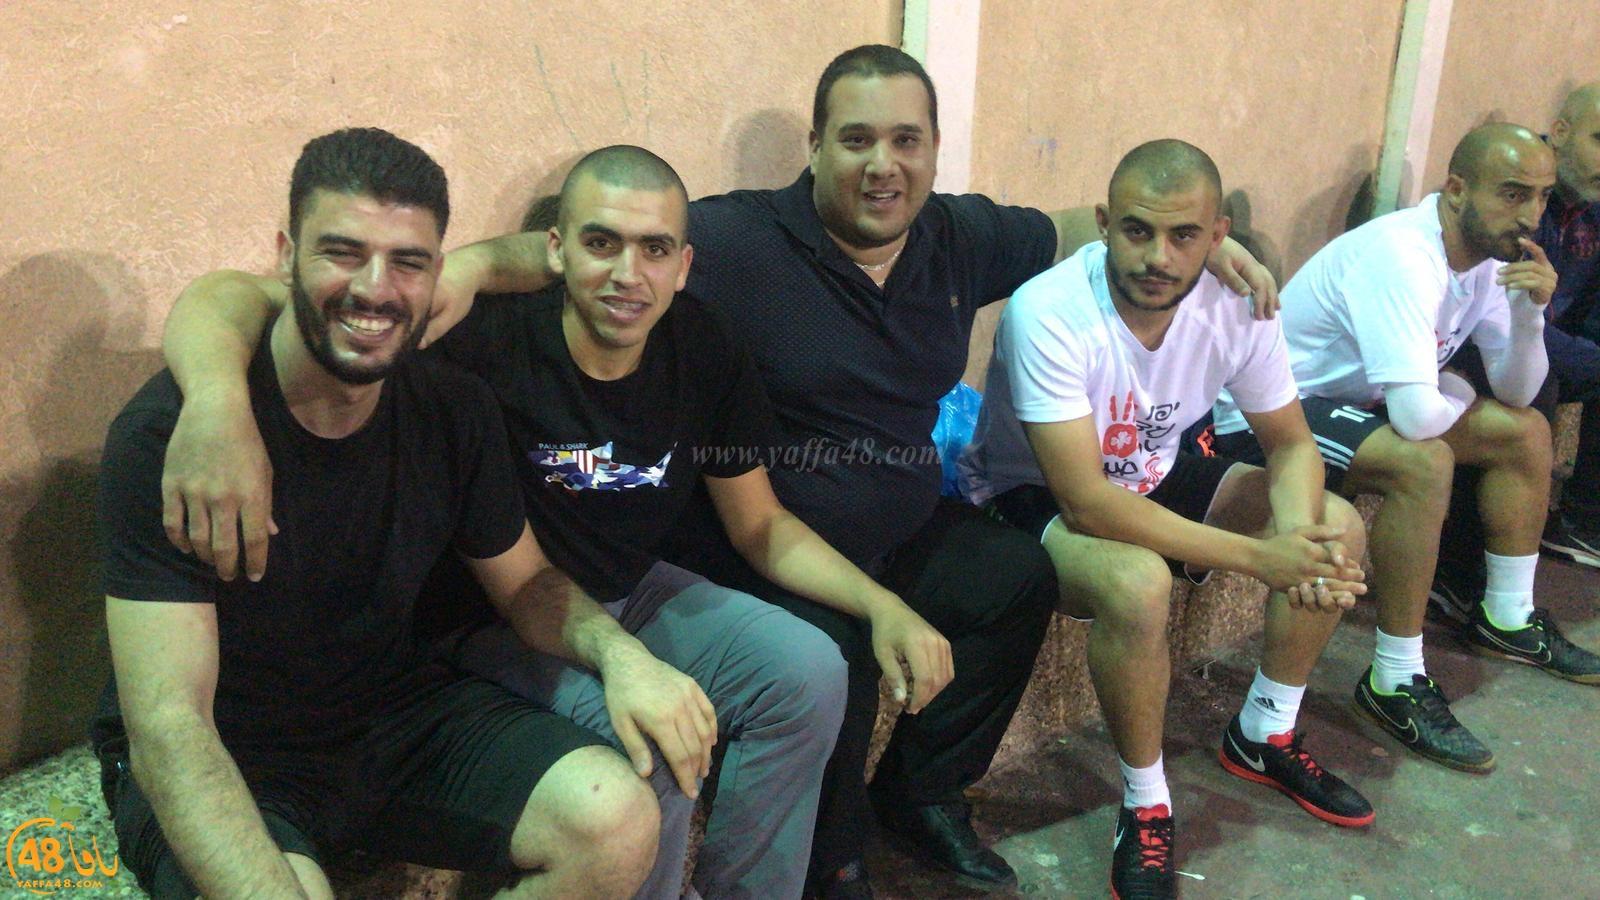 بالفيديو: النادي الإسلامي يُنظم دوري مصغّر لكرة القدم بعنوان يافا ضد العنف